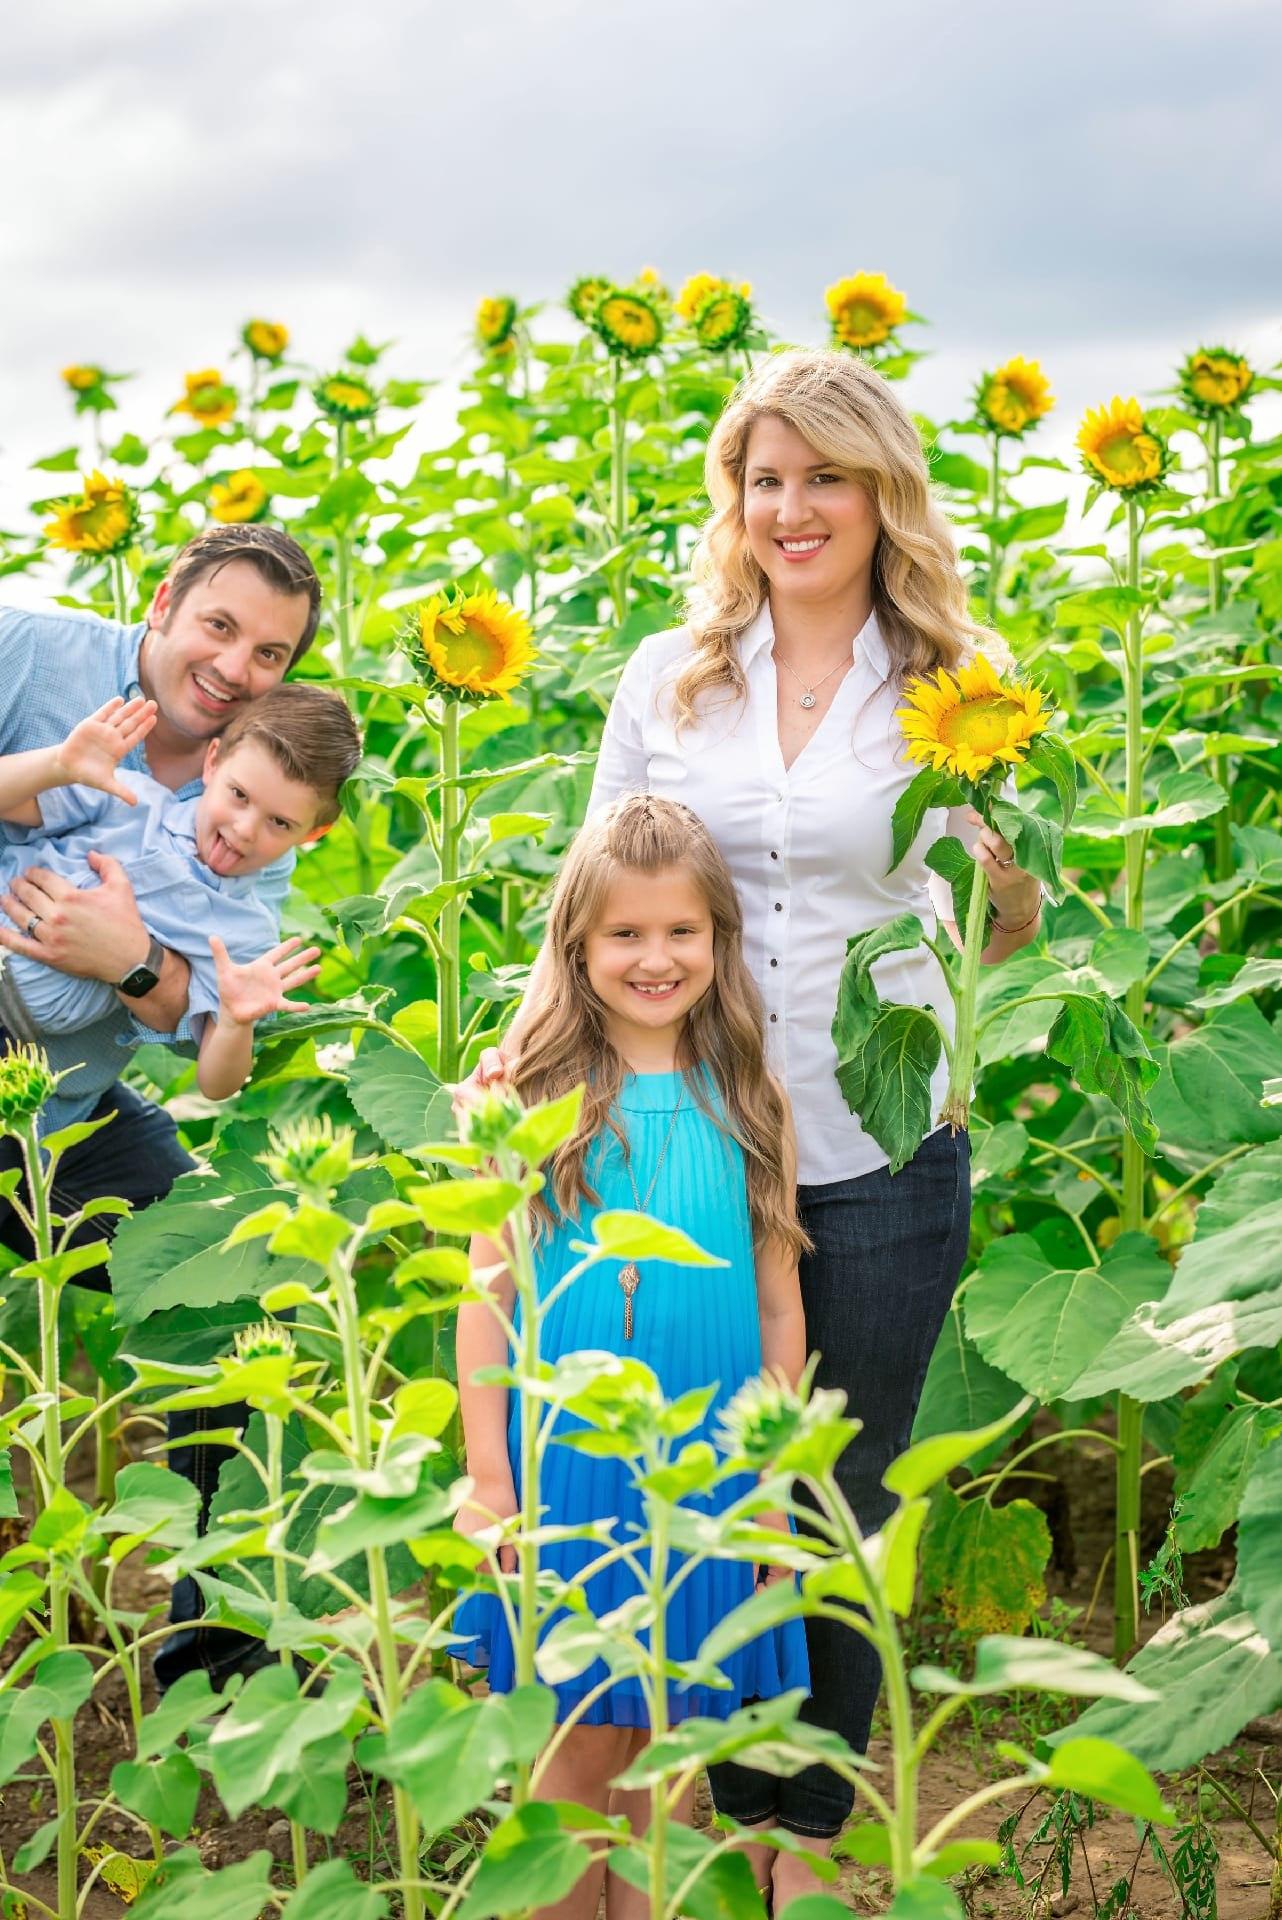 Kim-Lester-Berry-Insurance-Family2